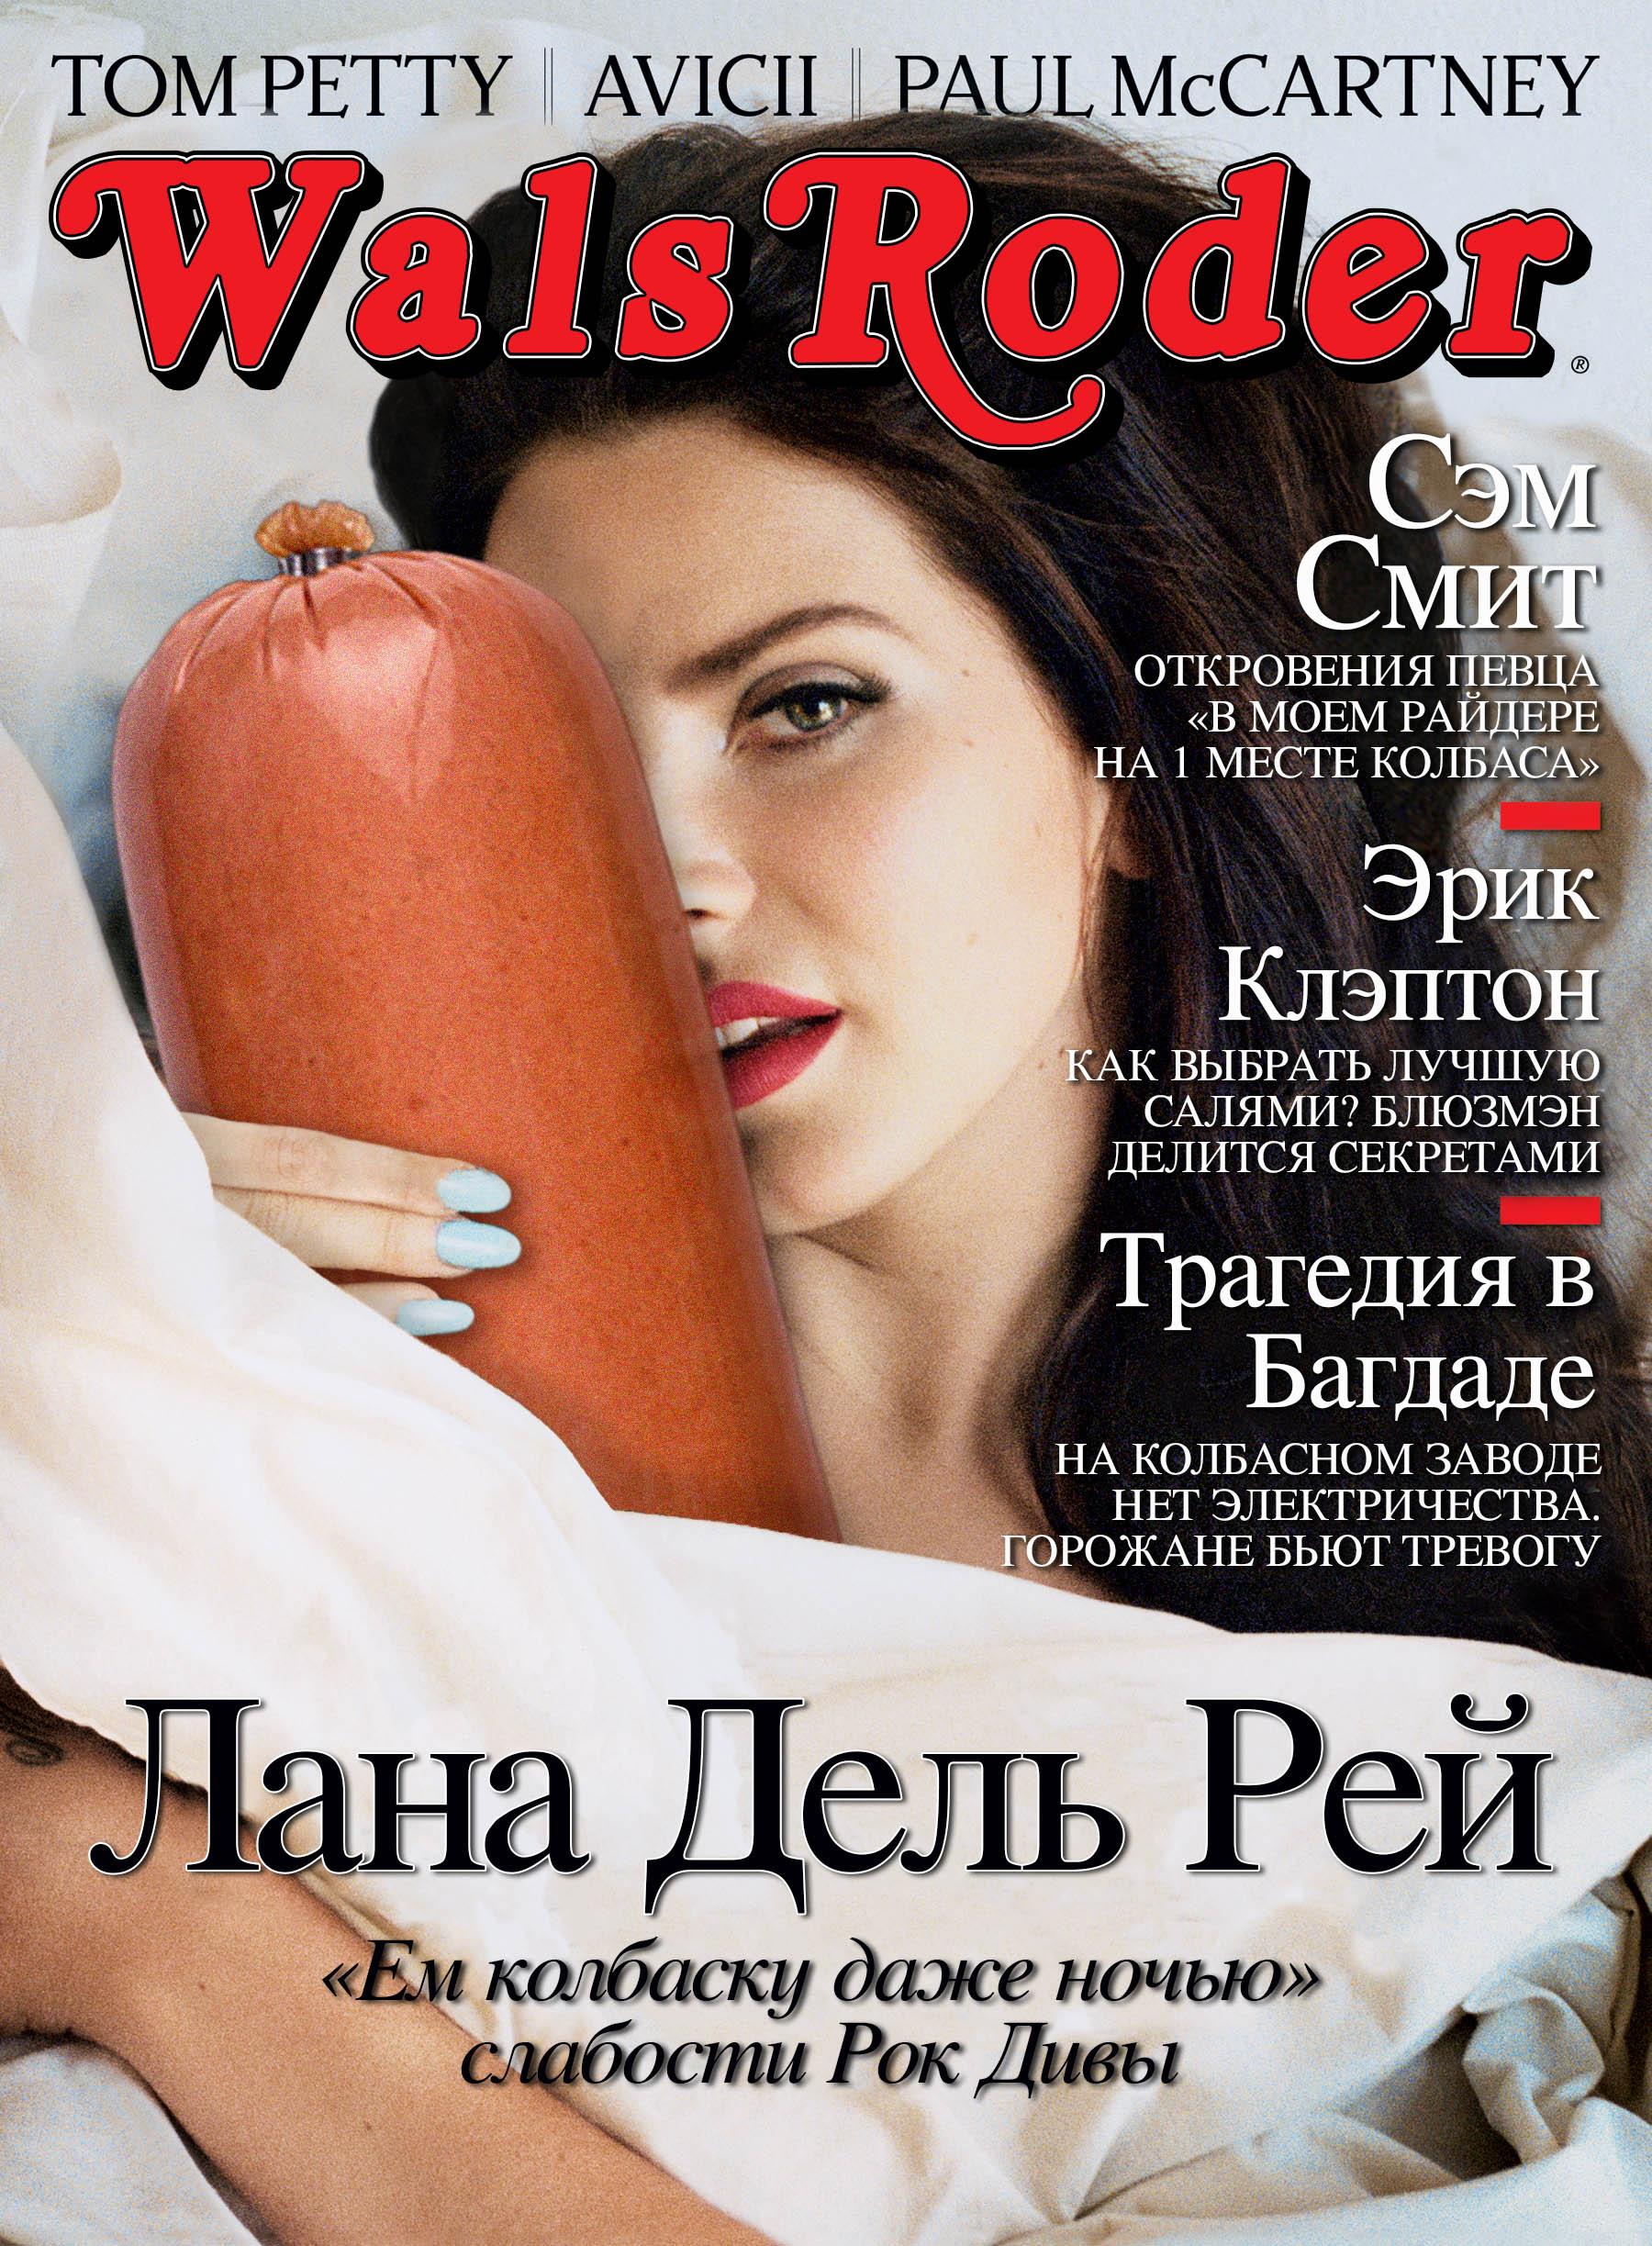 Полиграфический дизайн, Журнальный дизайн, Коллаж.  фото f_2805d6cdcfd932f2.jpg